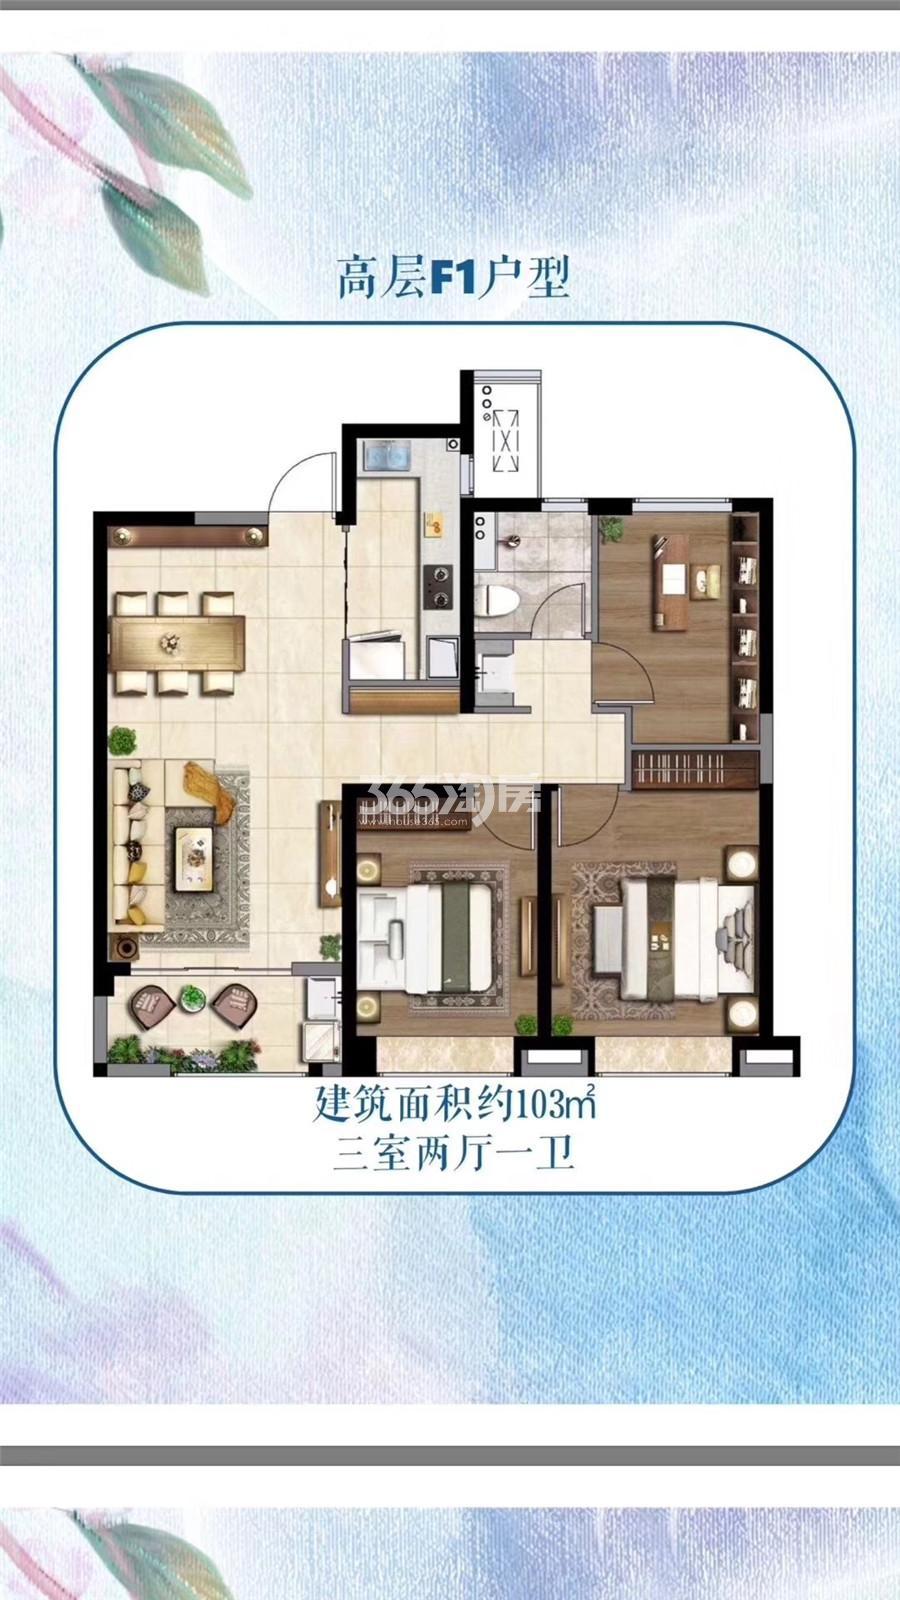 绿城西安全运村子衿苑低密度多层103㎡三室两厅一卫户型图